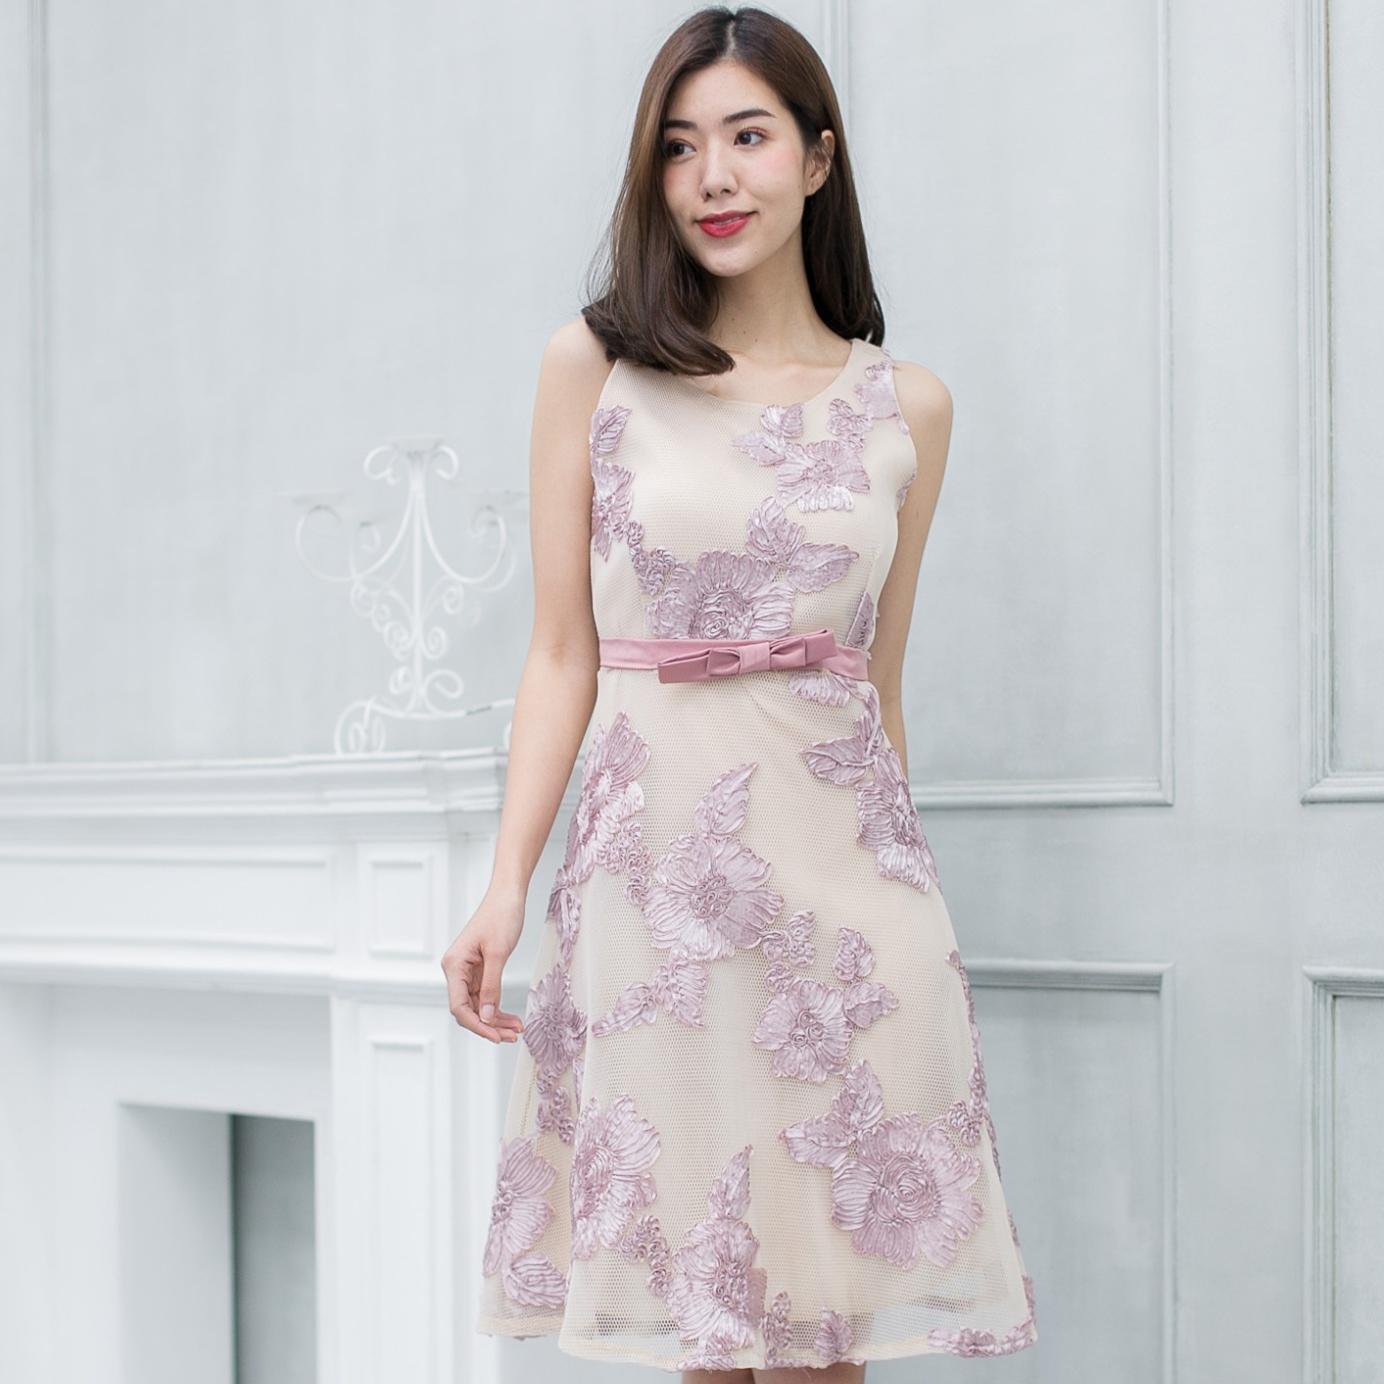 ชุดเดรสออกงานสั้นสีชมพู ปักดอกไม้ ลุคสวยหวาน งานสวยเป๊ะ สไตล์คุณหนู